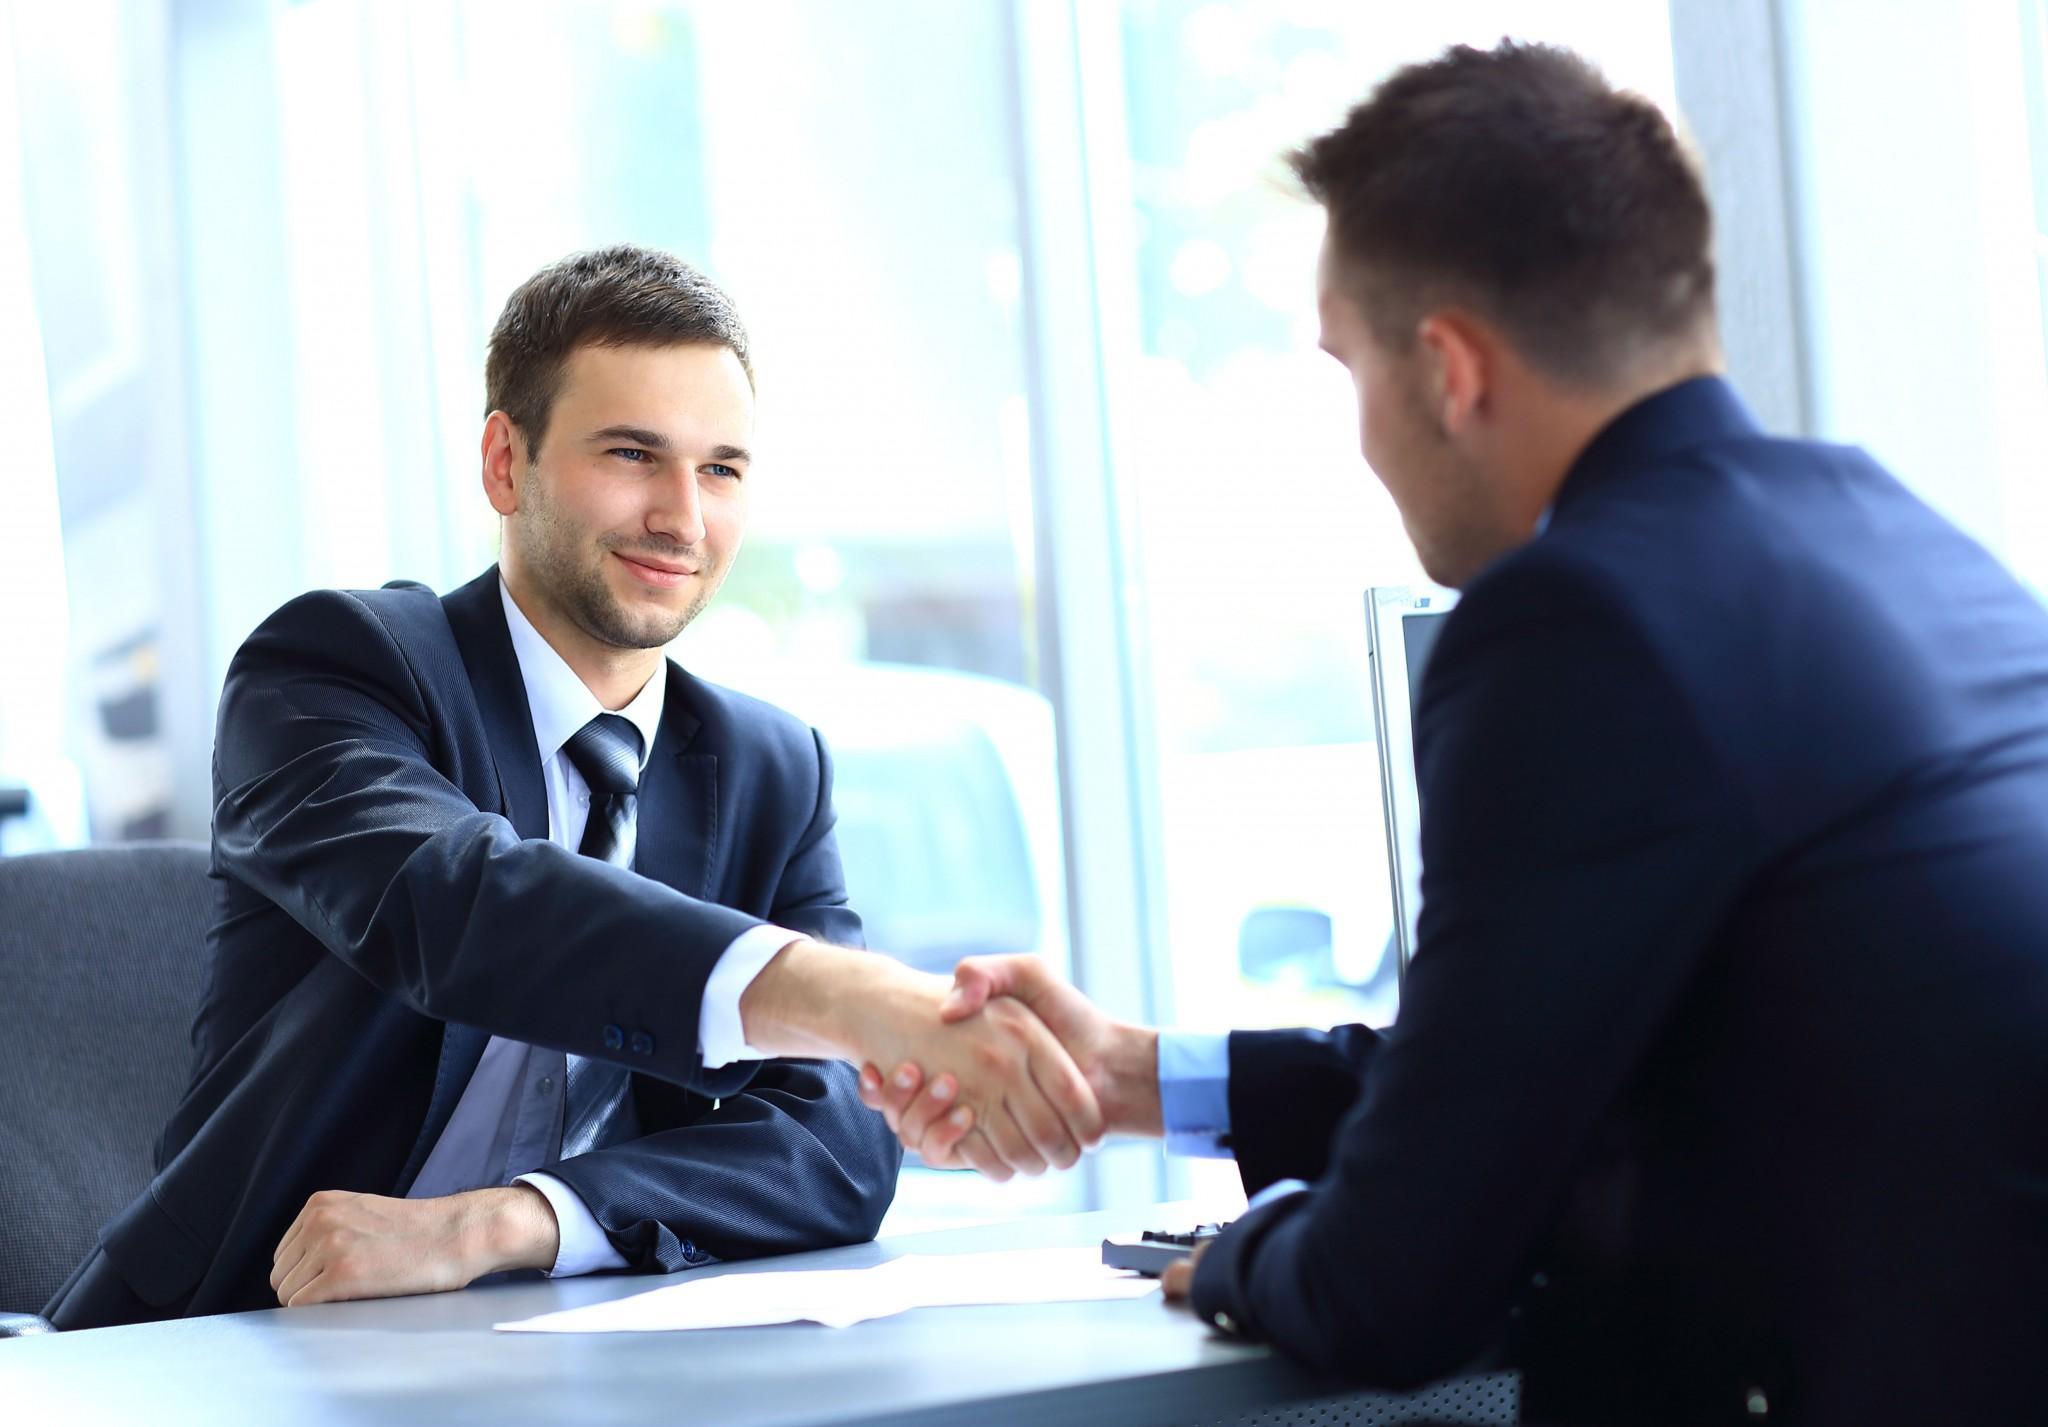 cách rèn luyện sự tự tin trong công việc